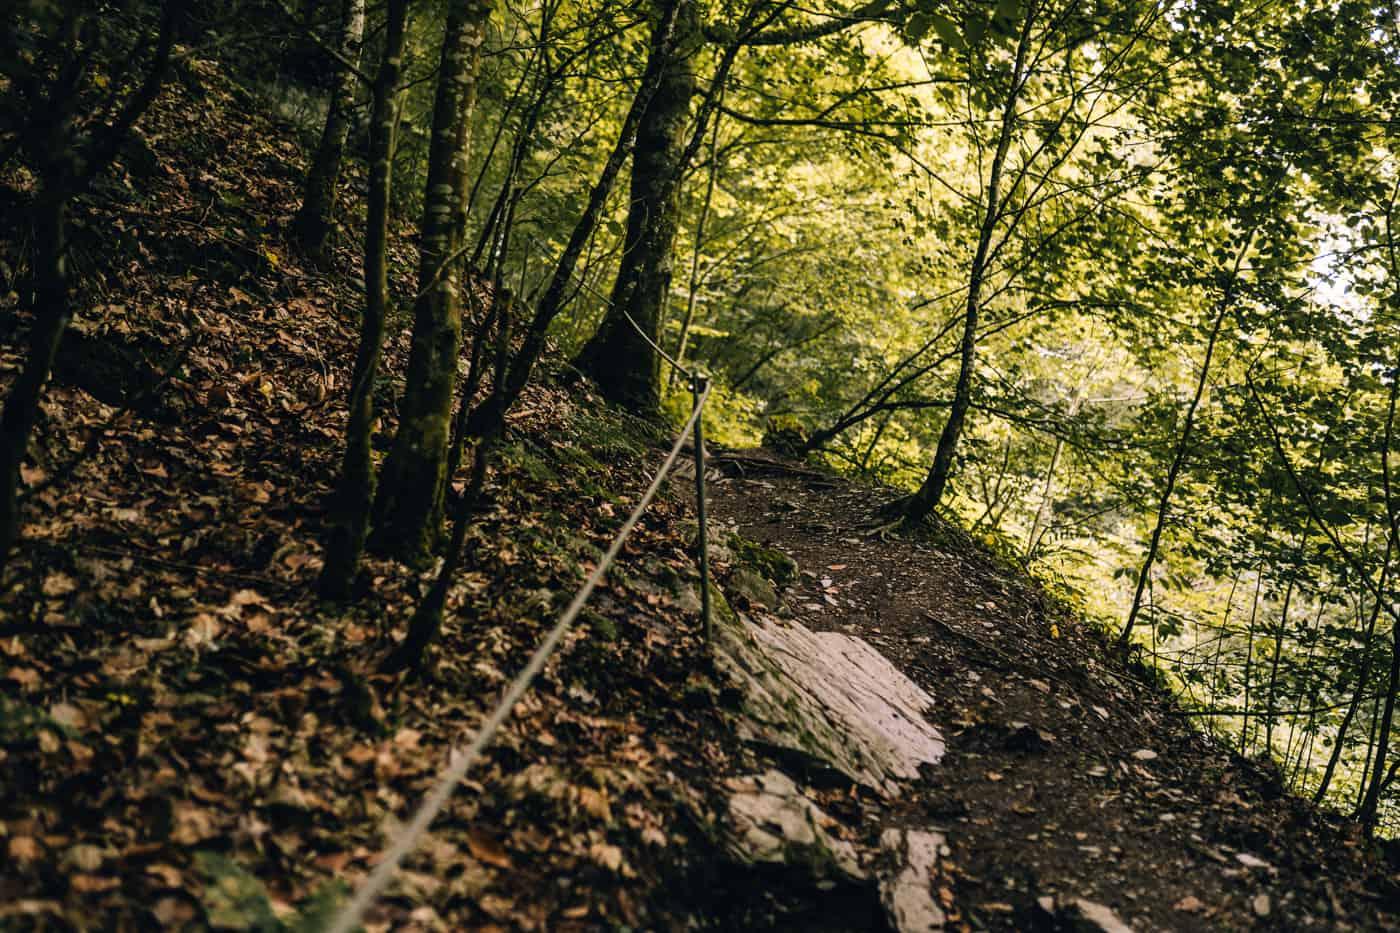 Baybachklamm Traumschleife Wanderung - Auf schmalen Pfaden durch das Baybachtal